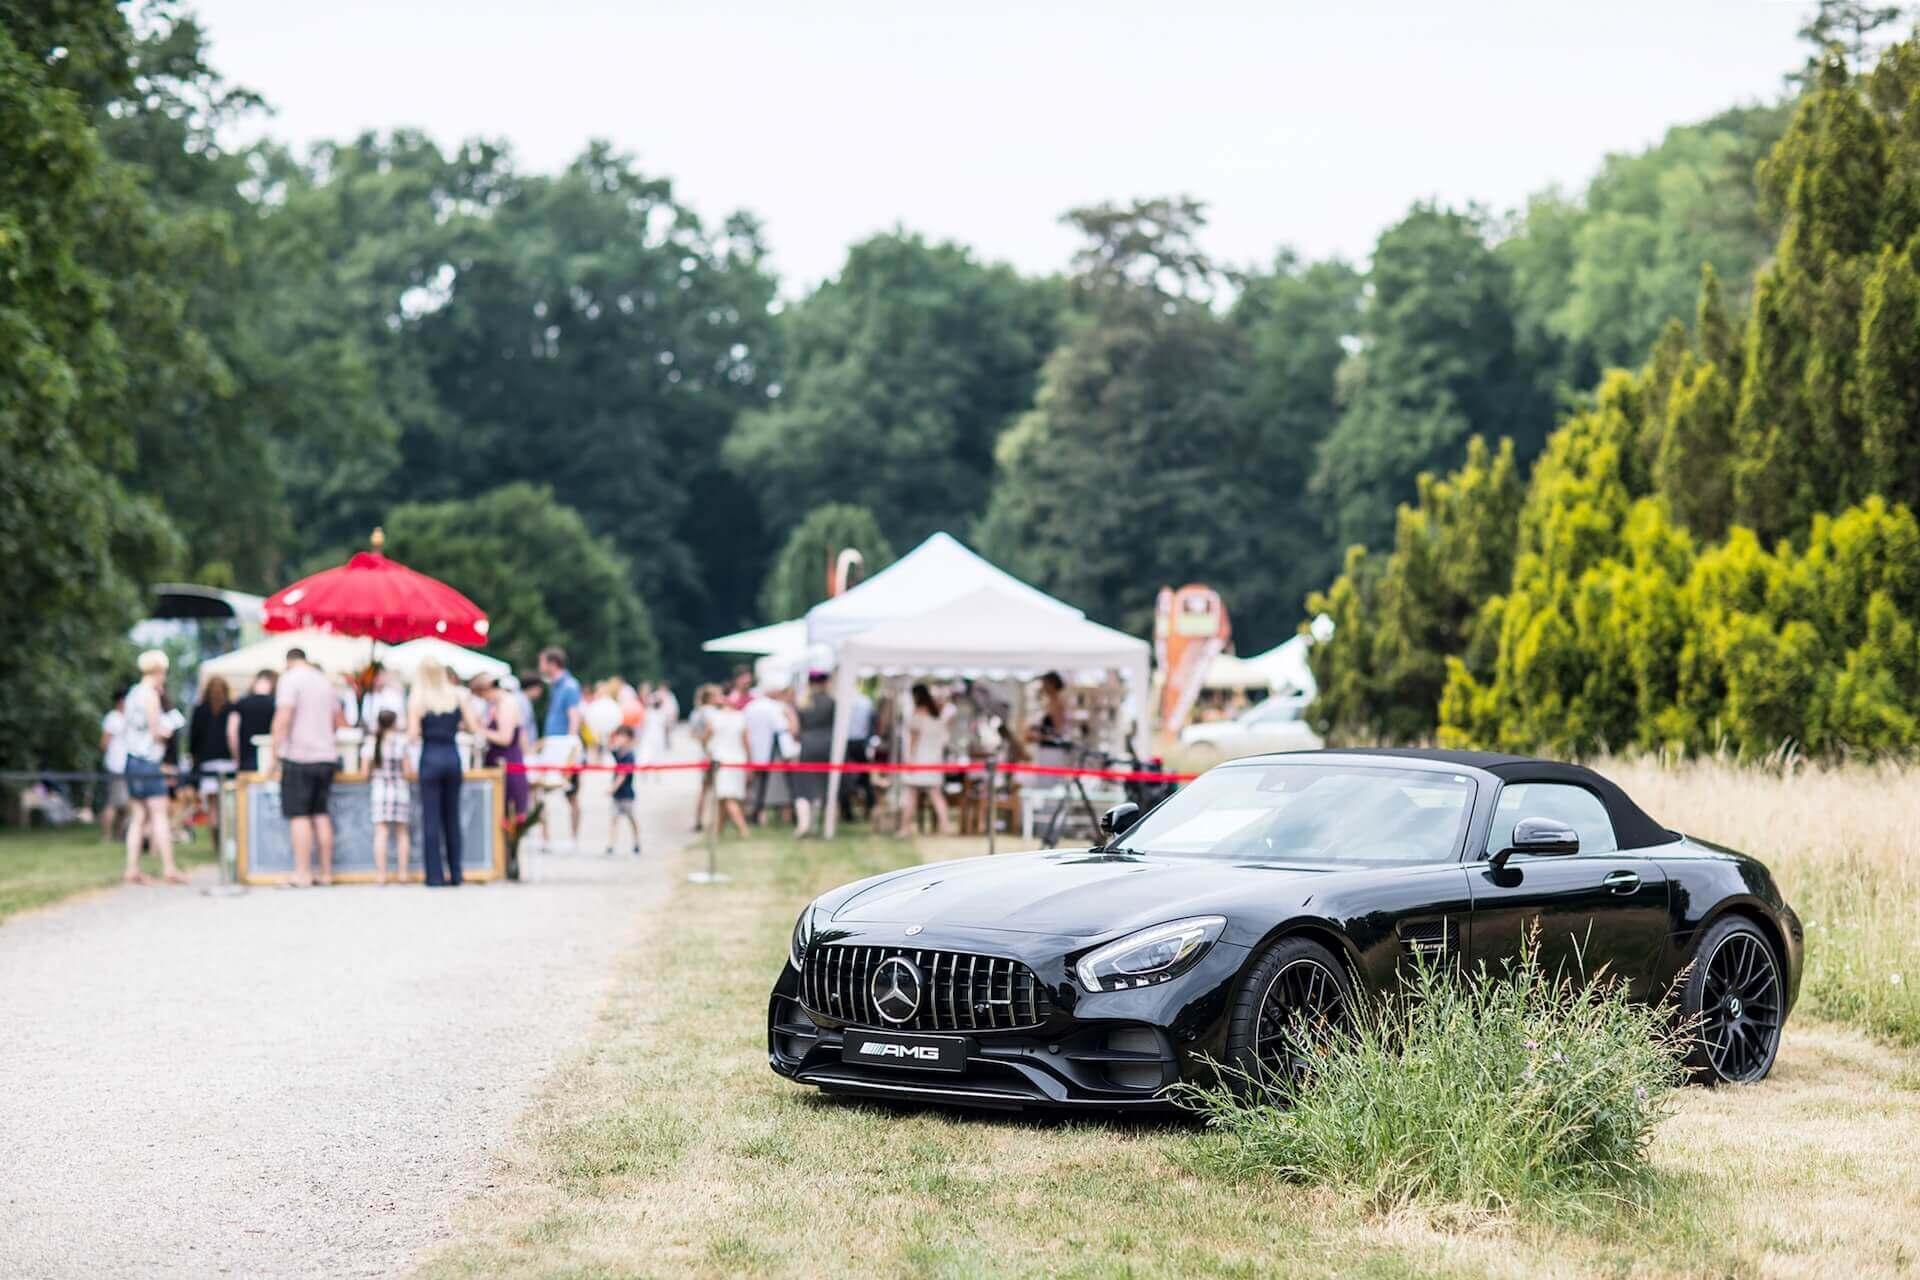 Wedding-Market-Leipzig-Sommer-Edition-2018-Sternauto-(c)-Anne-Schwerin